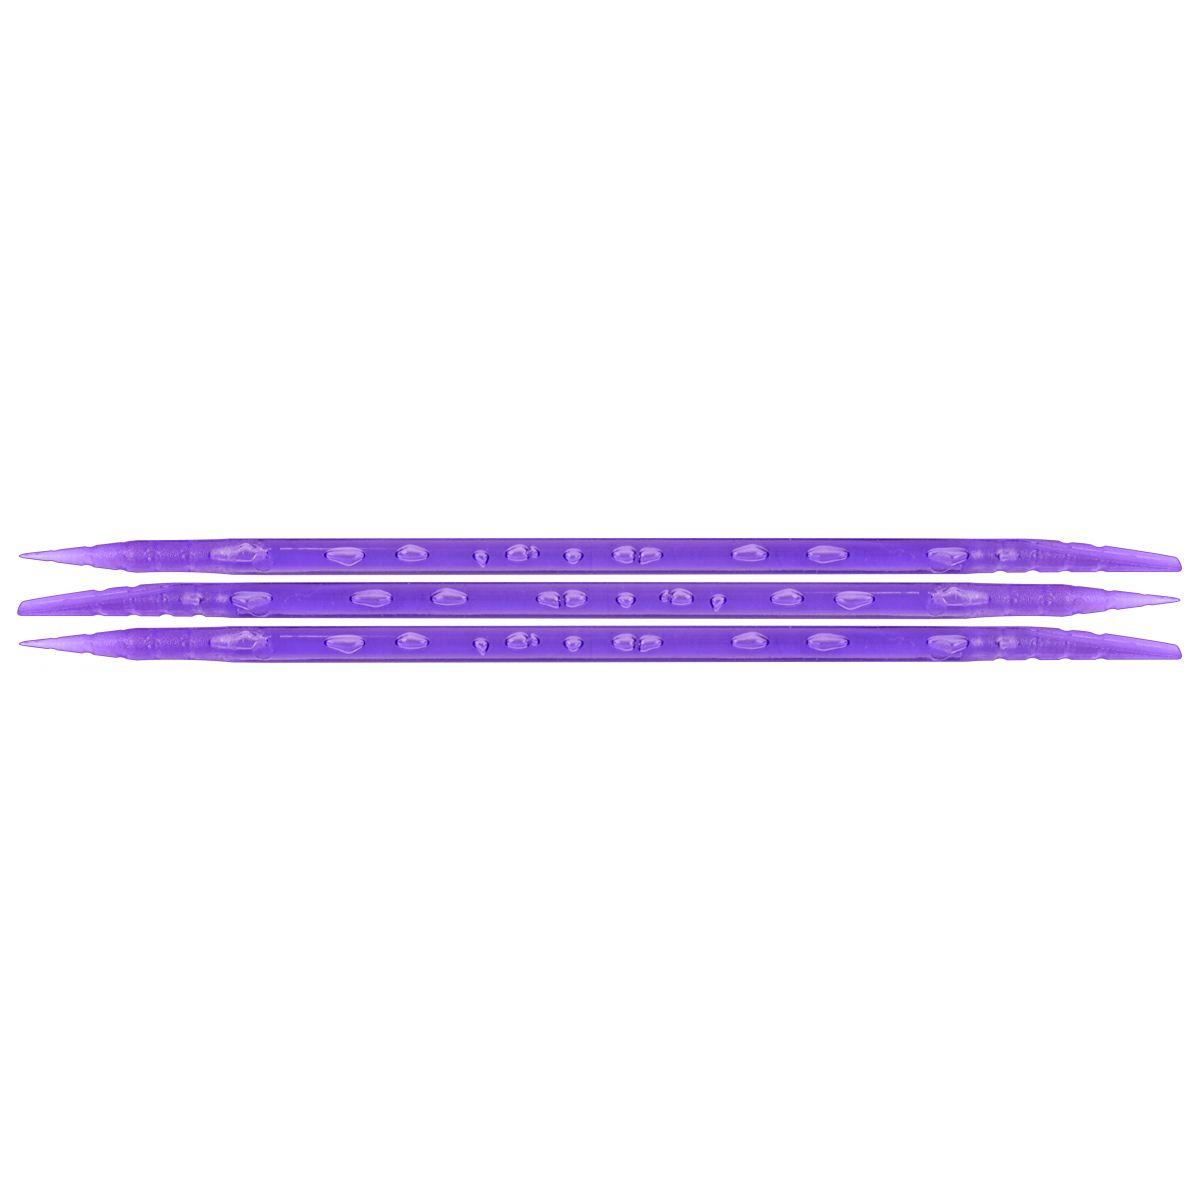 Palito Pl�stico Lil�s Para Manicure Descart�vel 100 Unidades